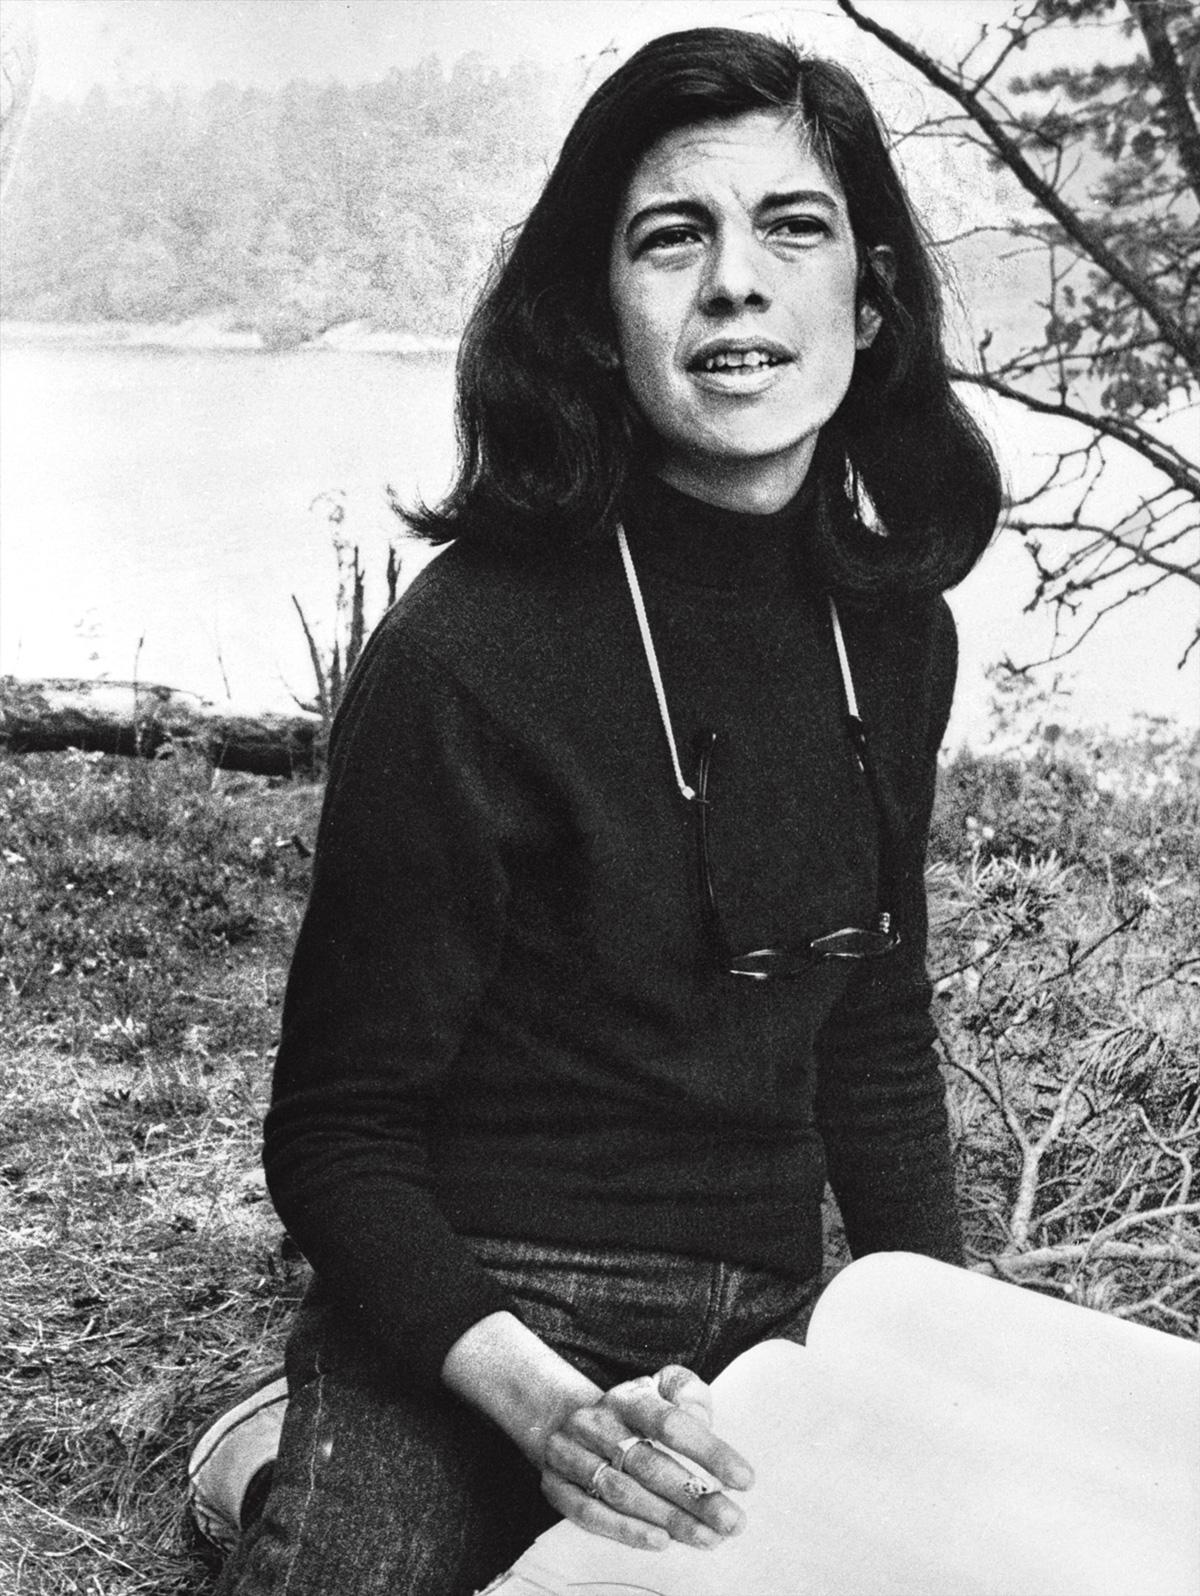 Susan Sontag aos 38 anos. Ela gostava de Bach, sushi, cachorros peludos, suéteres; não gostava de Ezra Pound, comida alemã, homens peludos